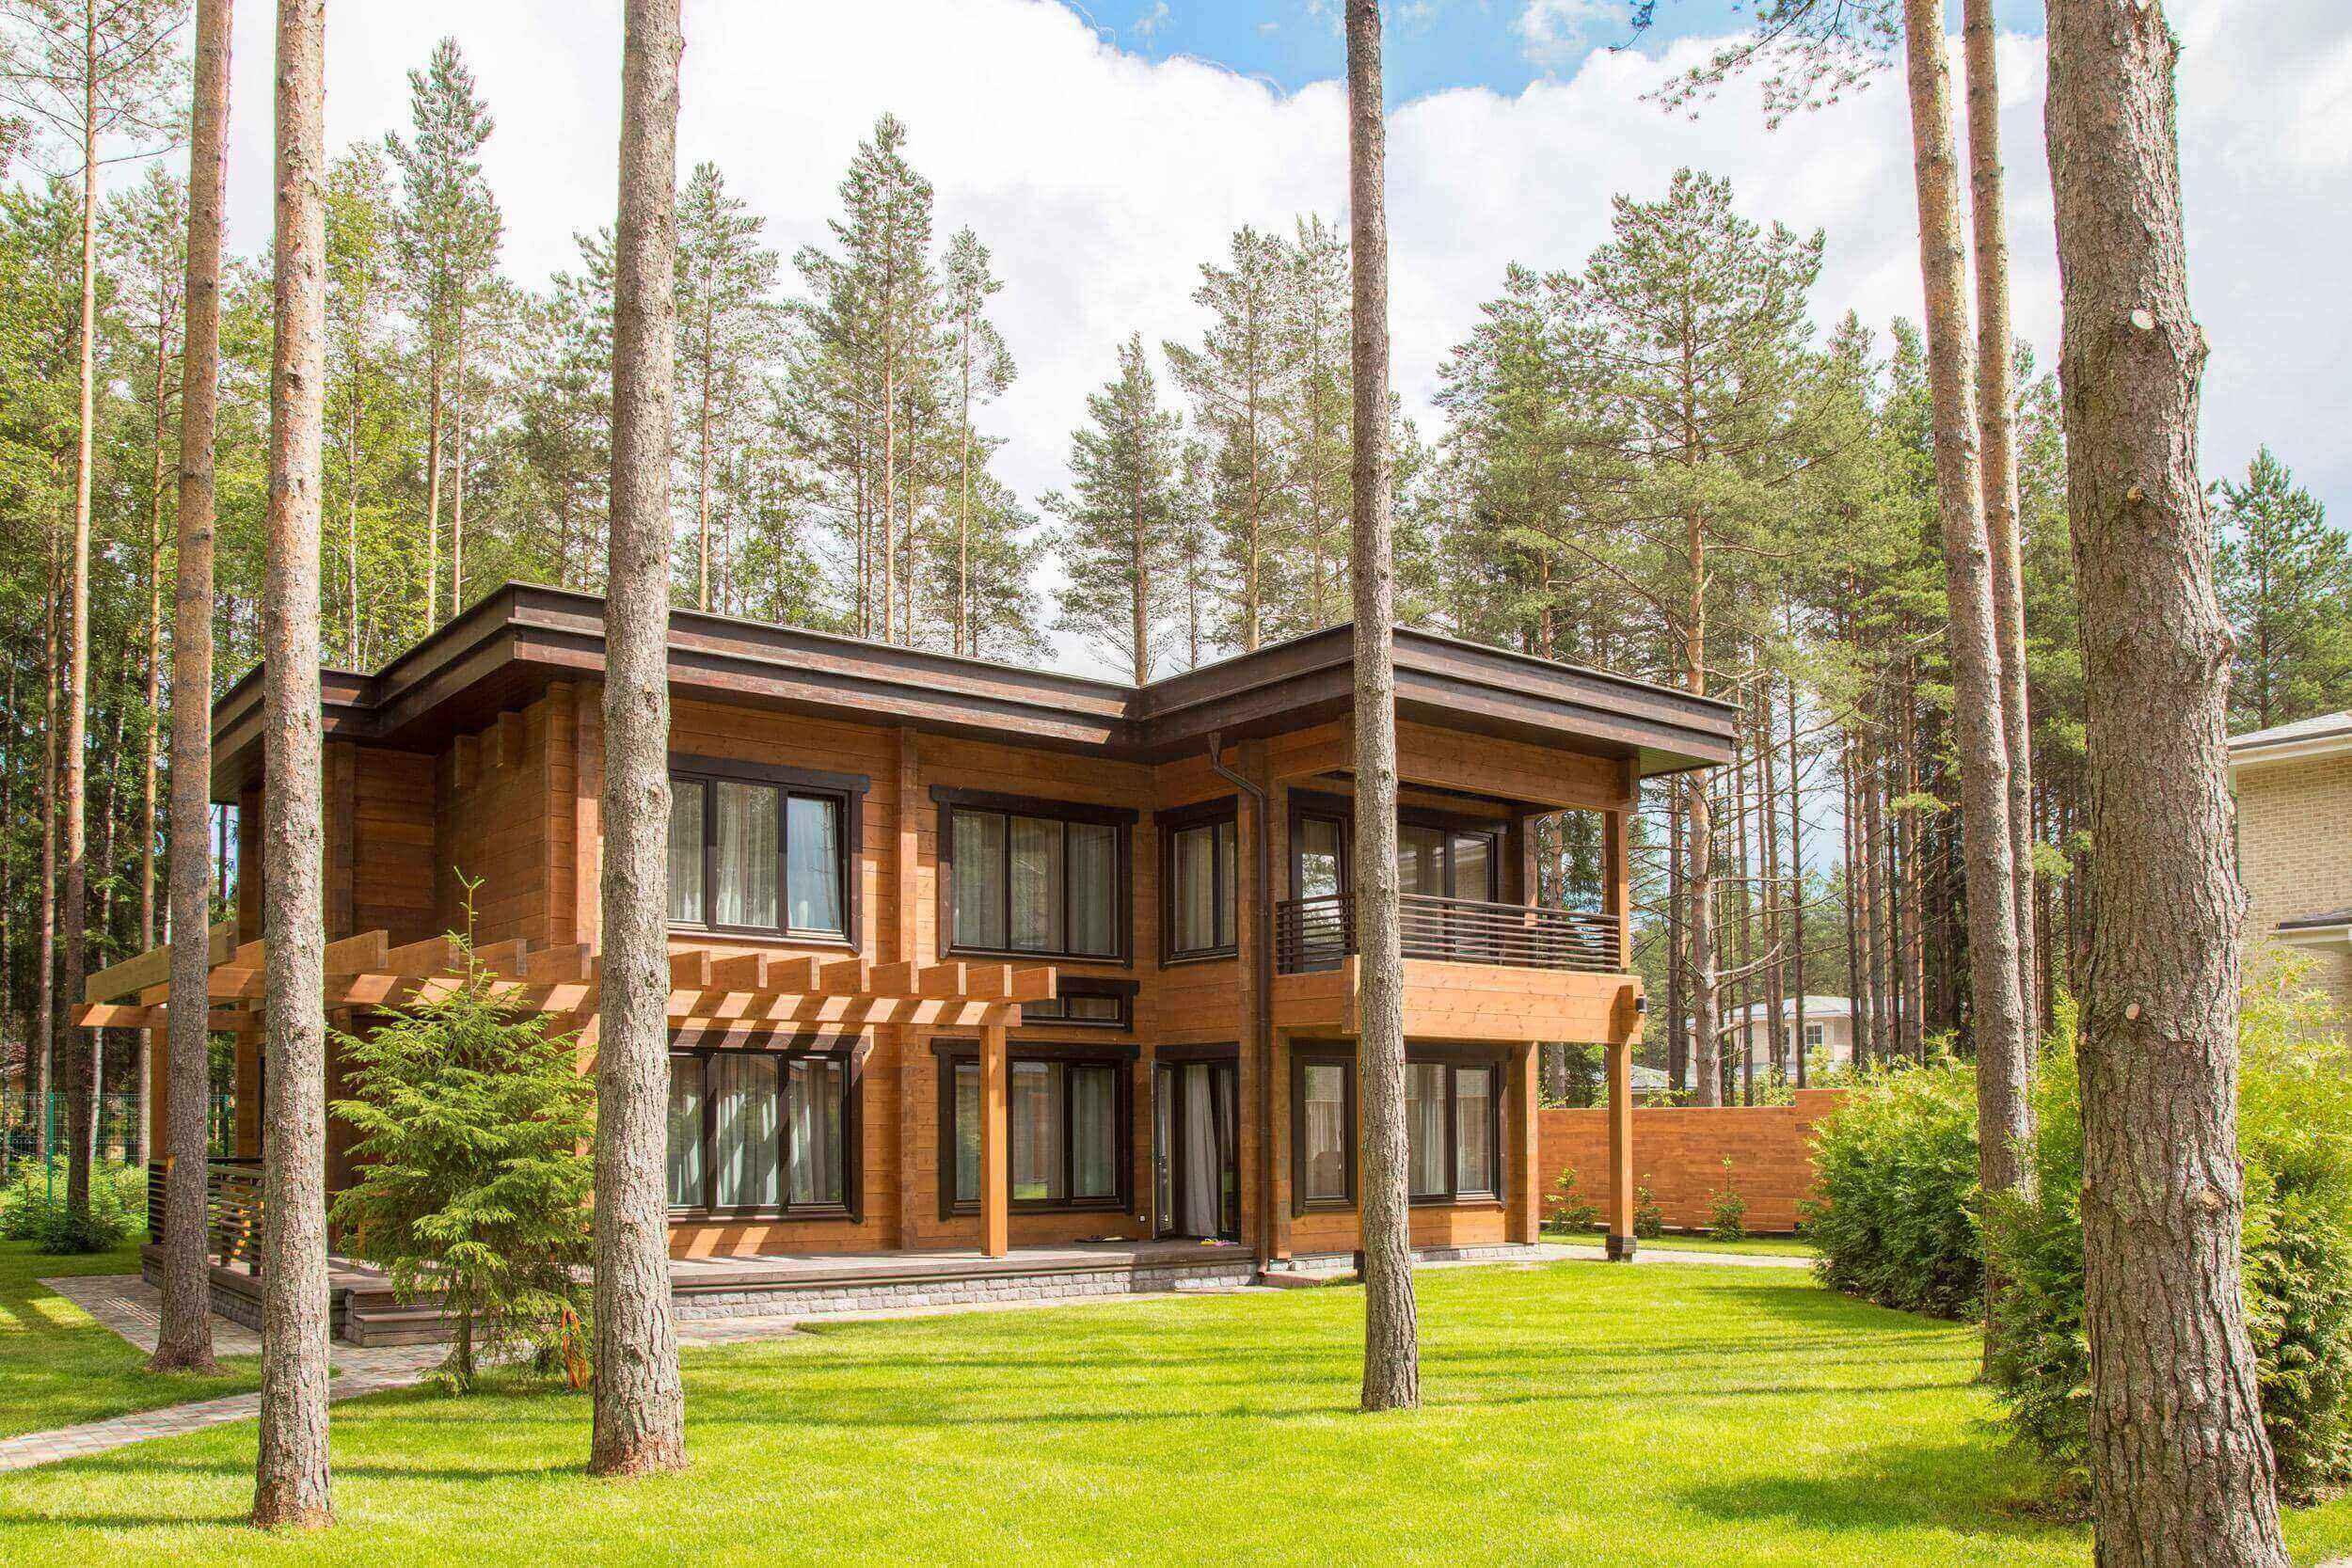 Построенный деревянный дом из клееного бруса